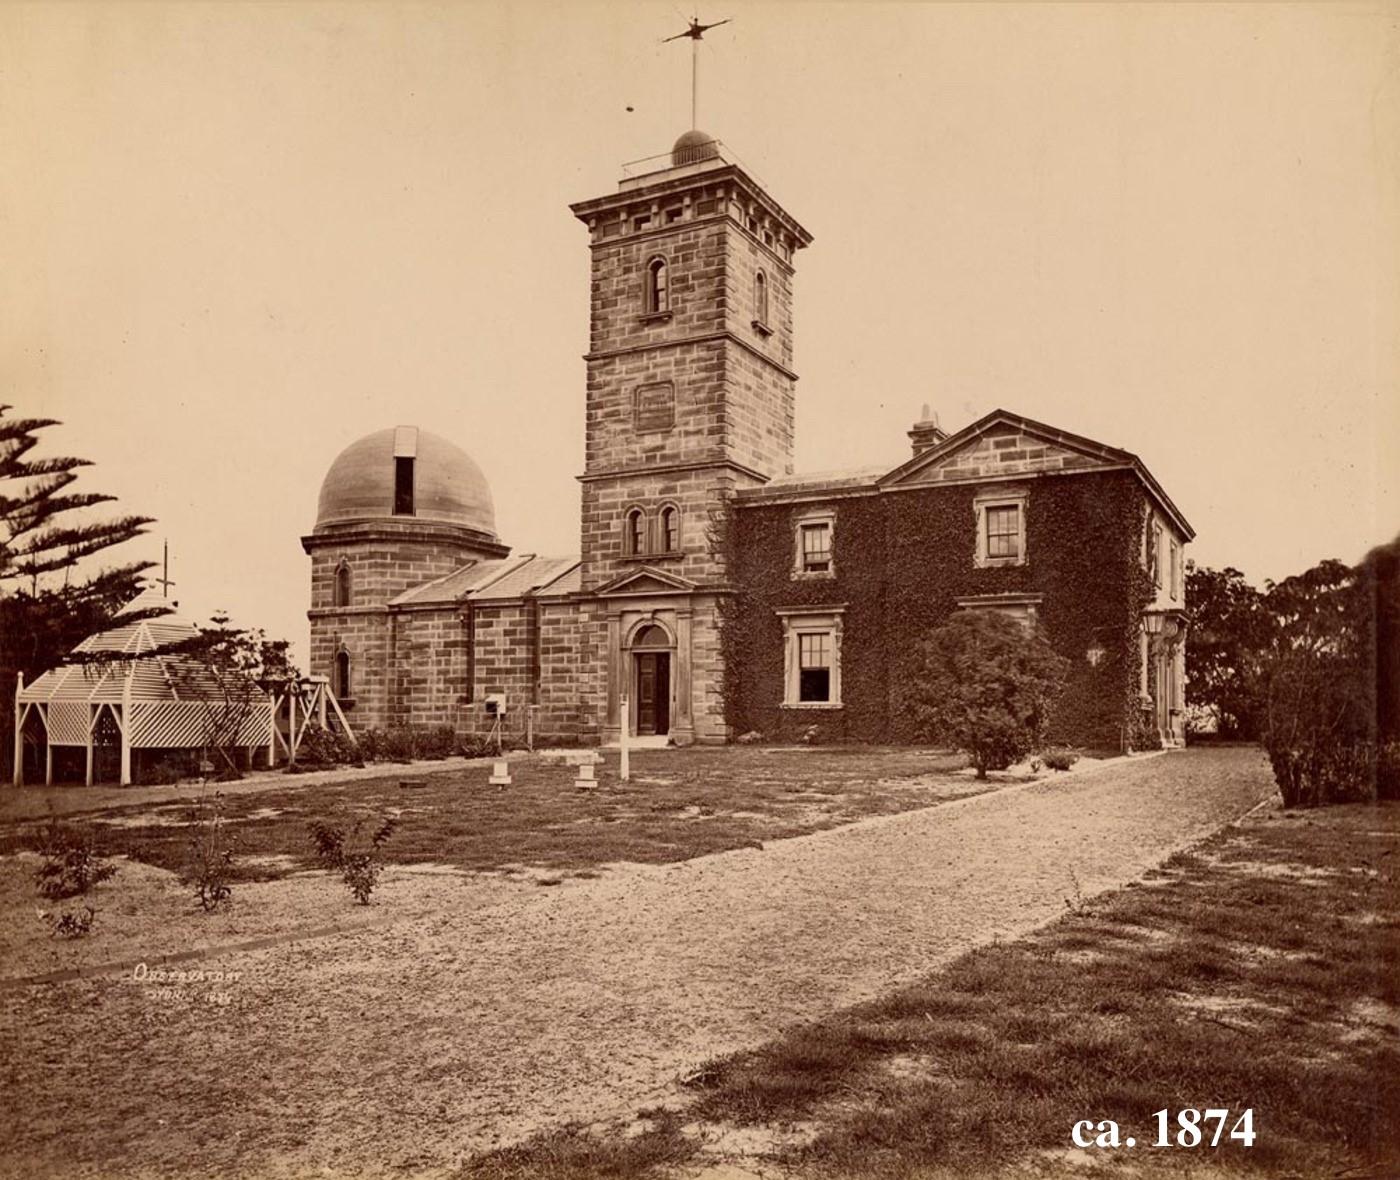 1874年天文台(新州州立图书馆)